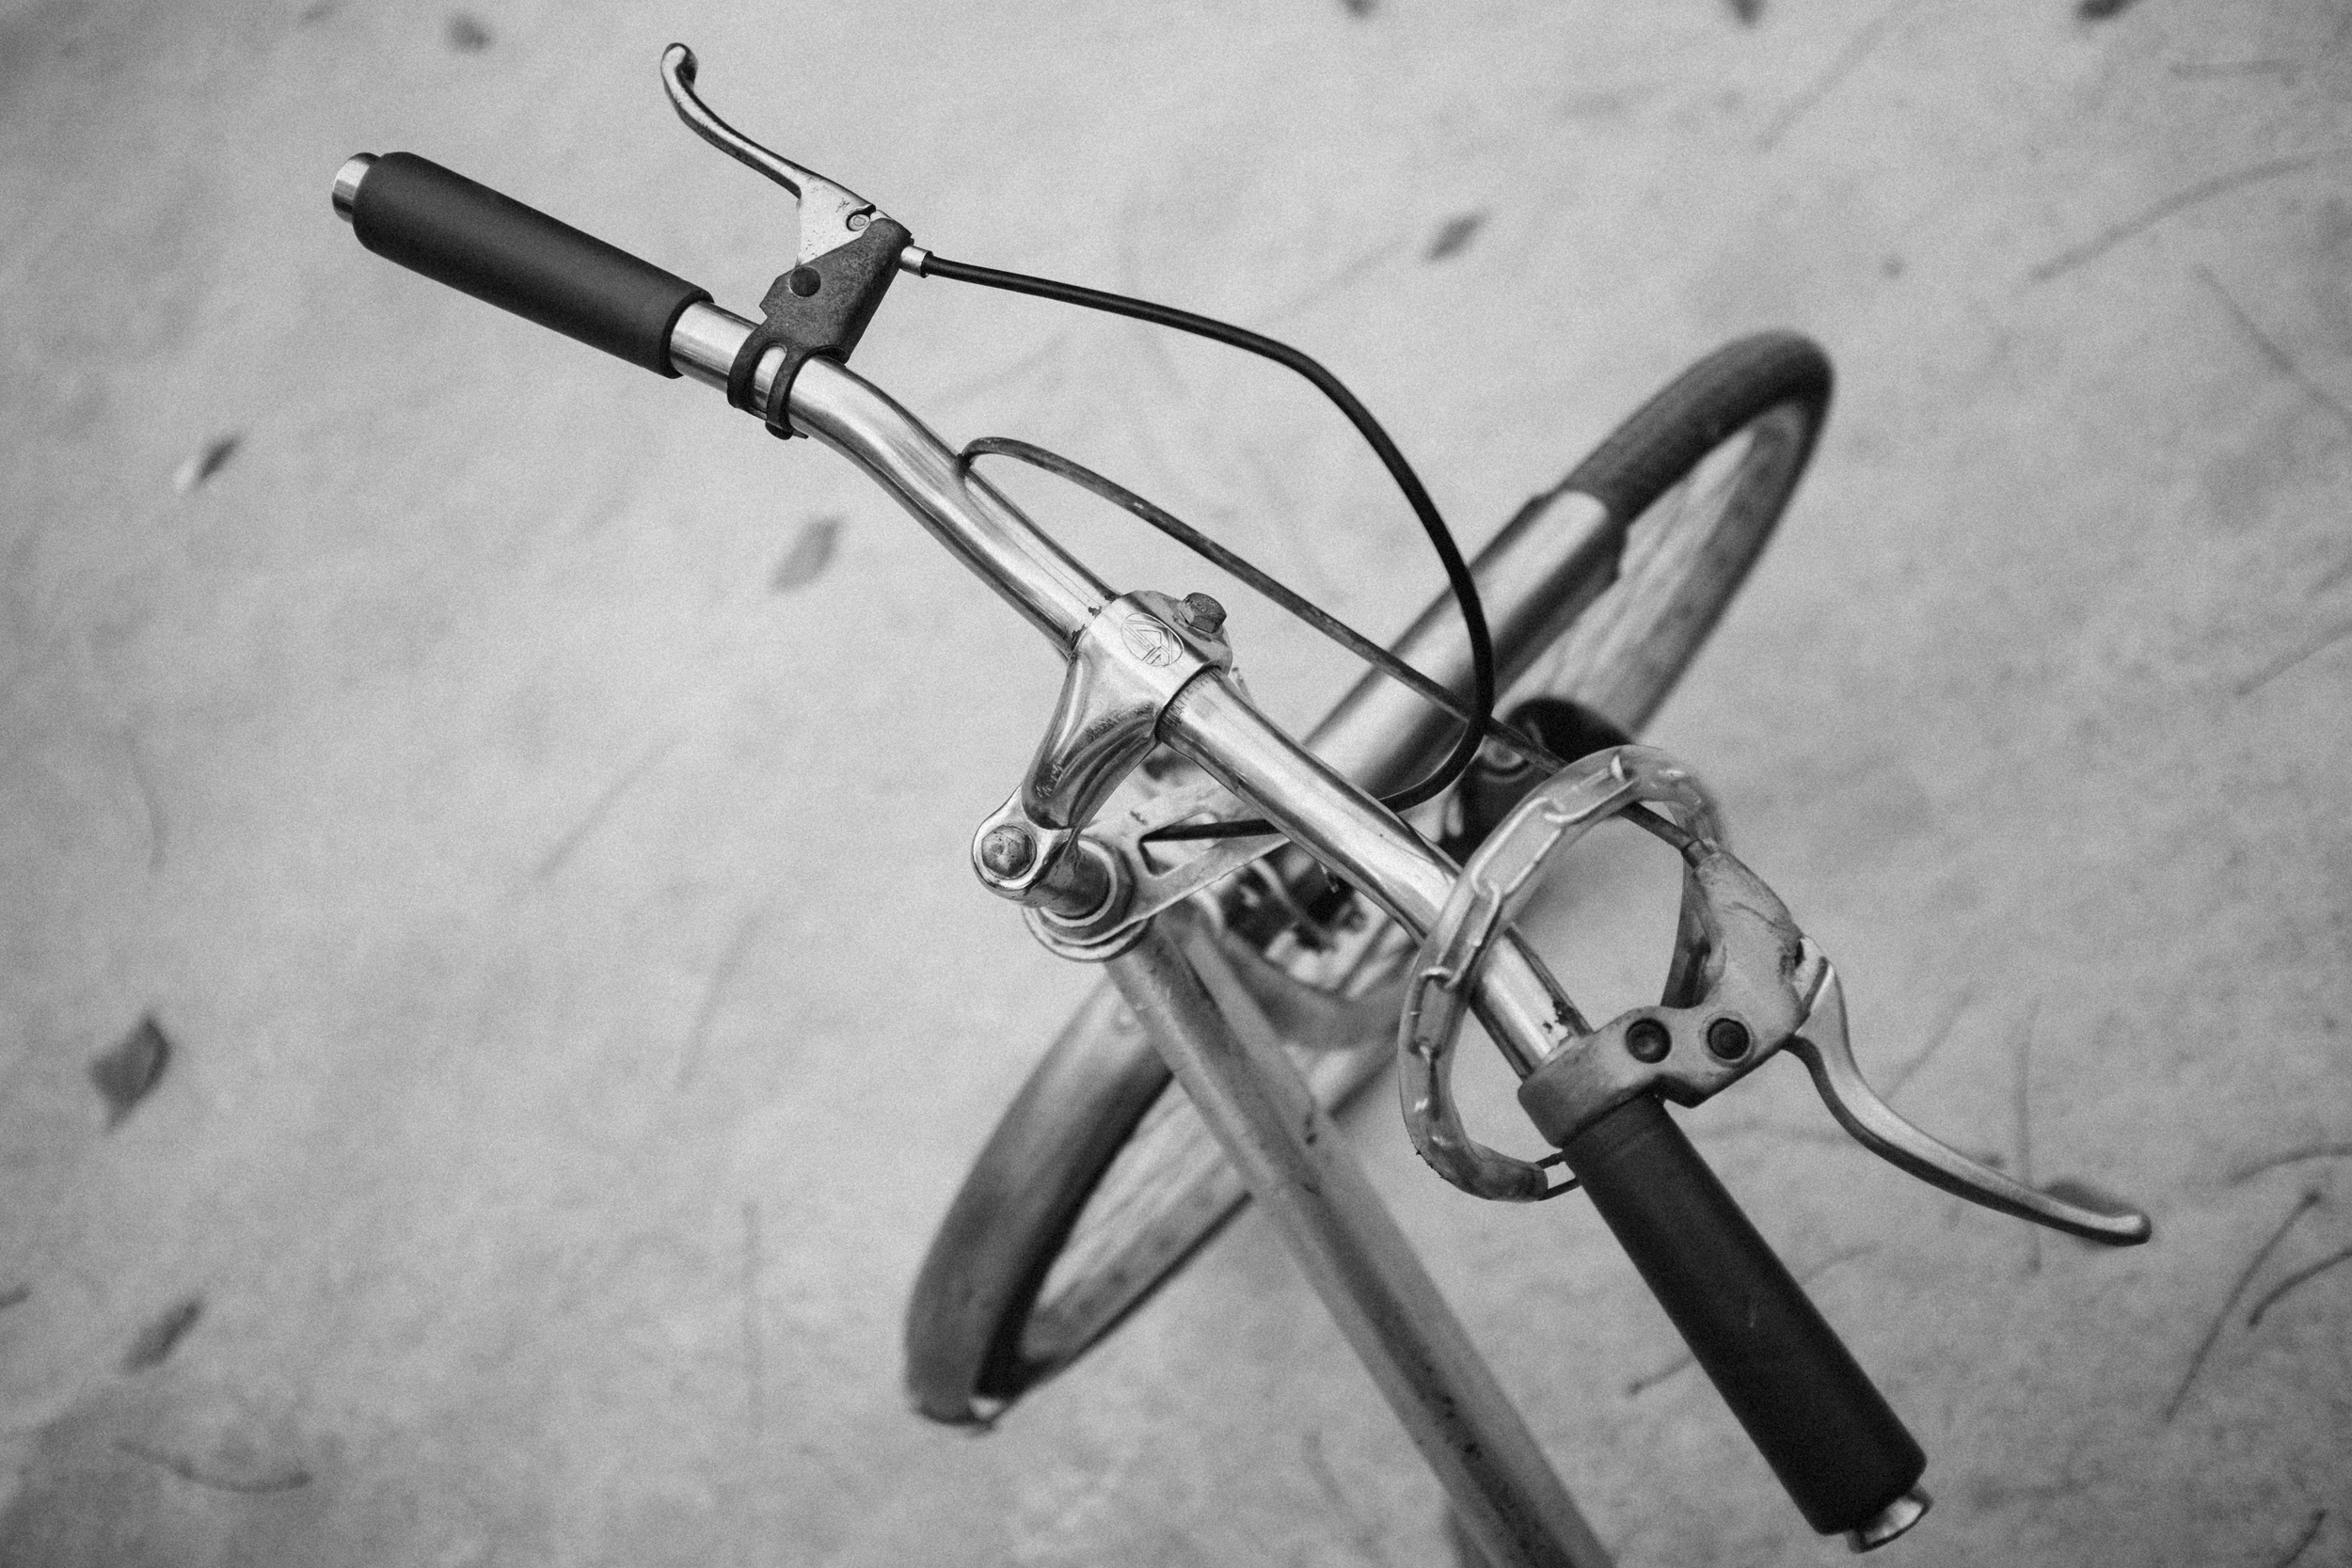 Suhkothai Bike.jpg